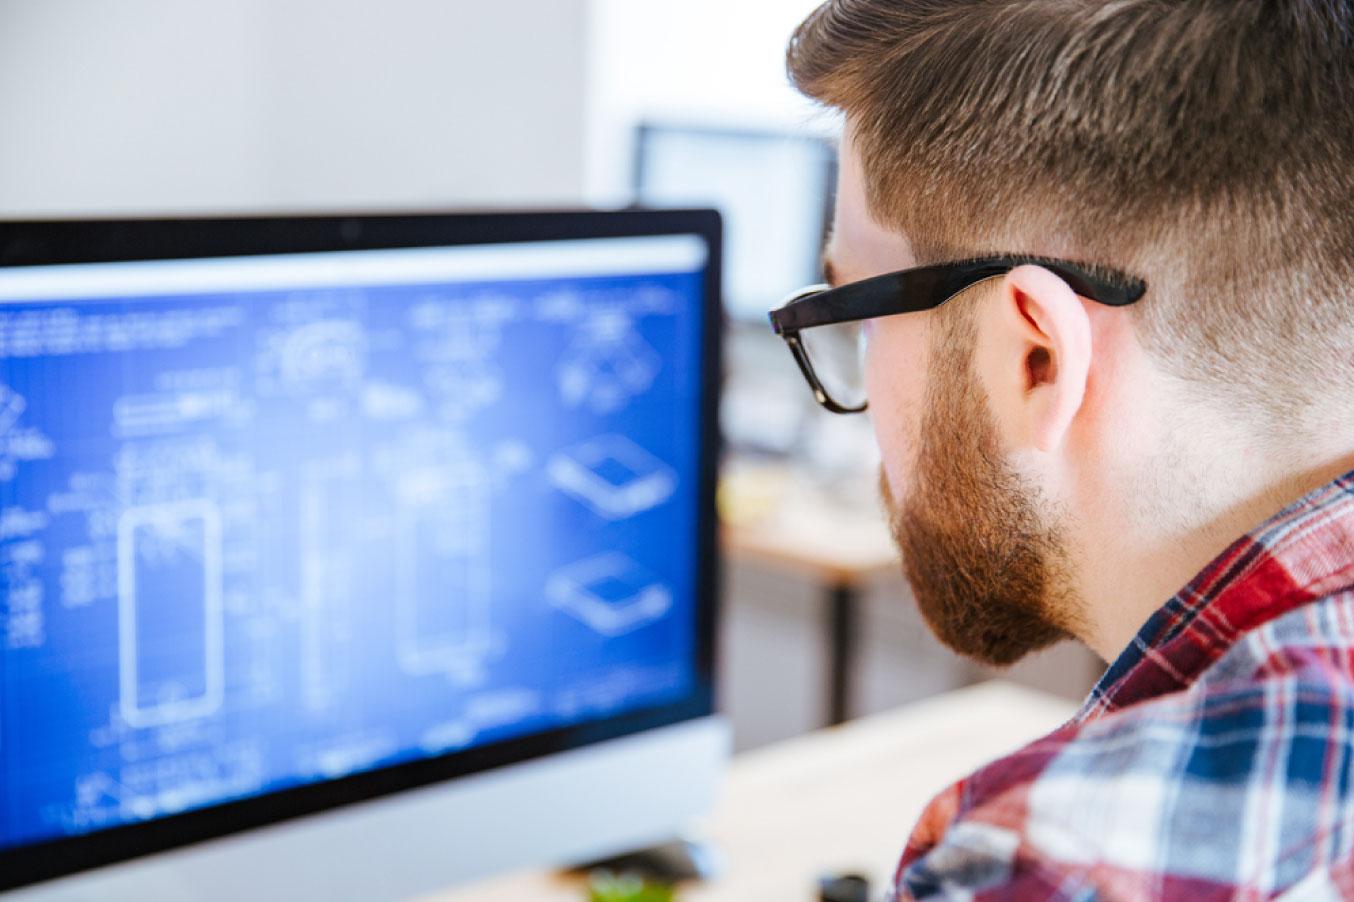 man staring at a computer screen